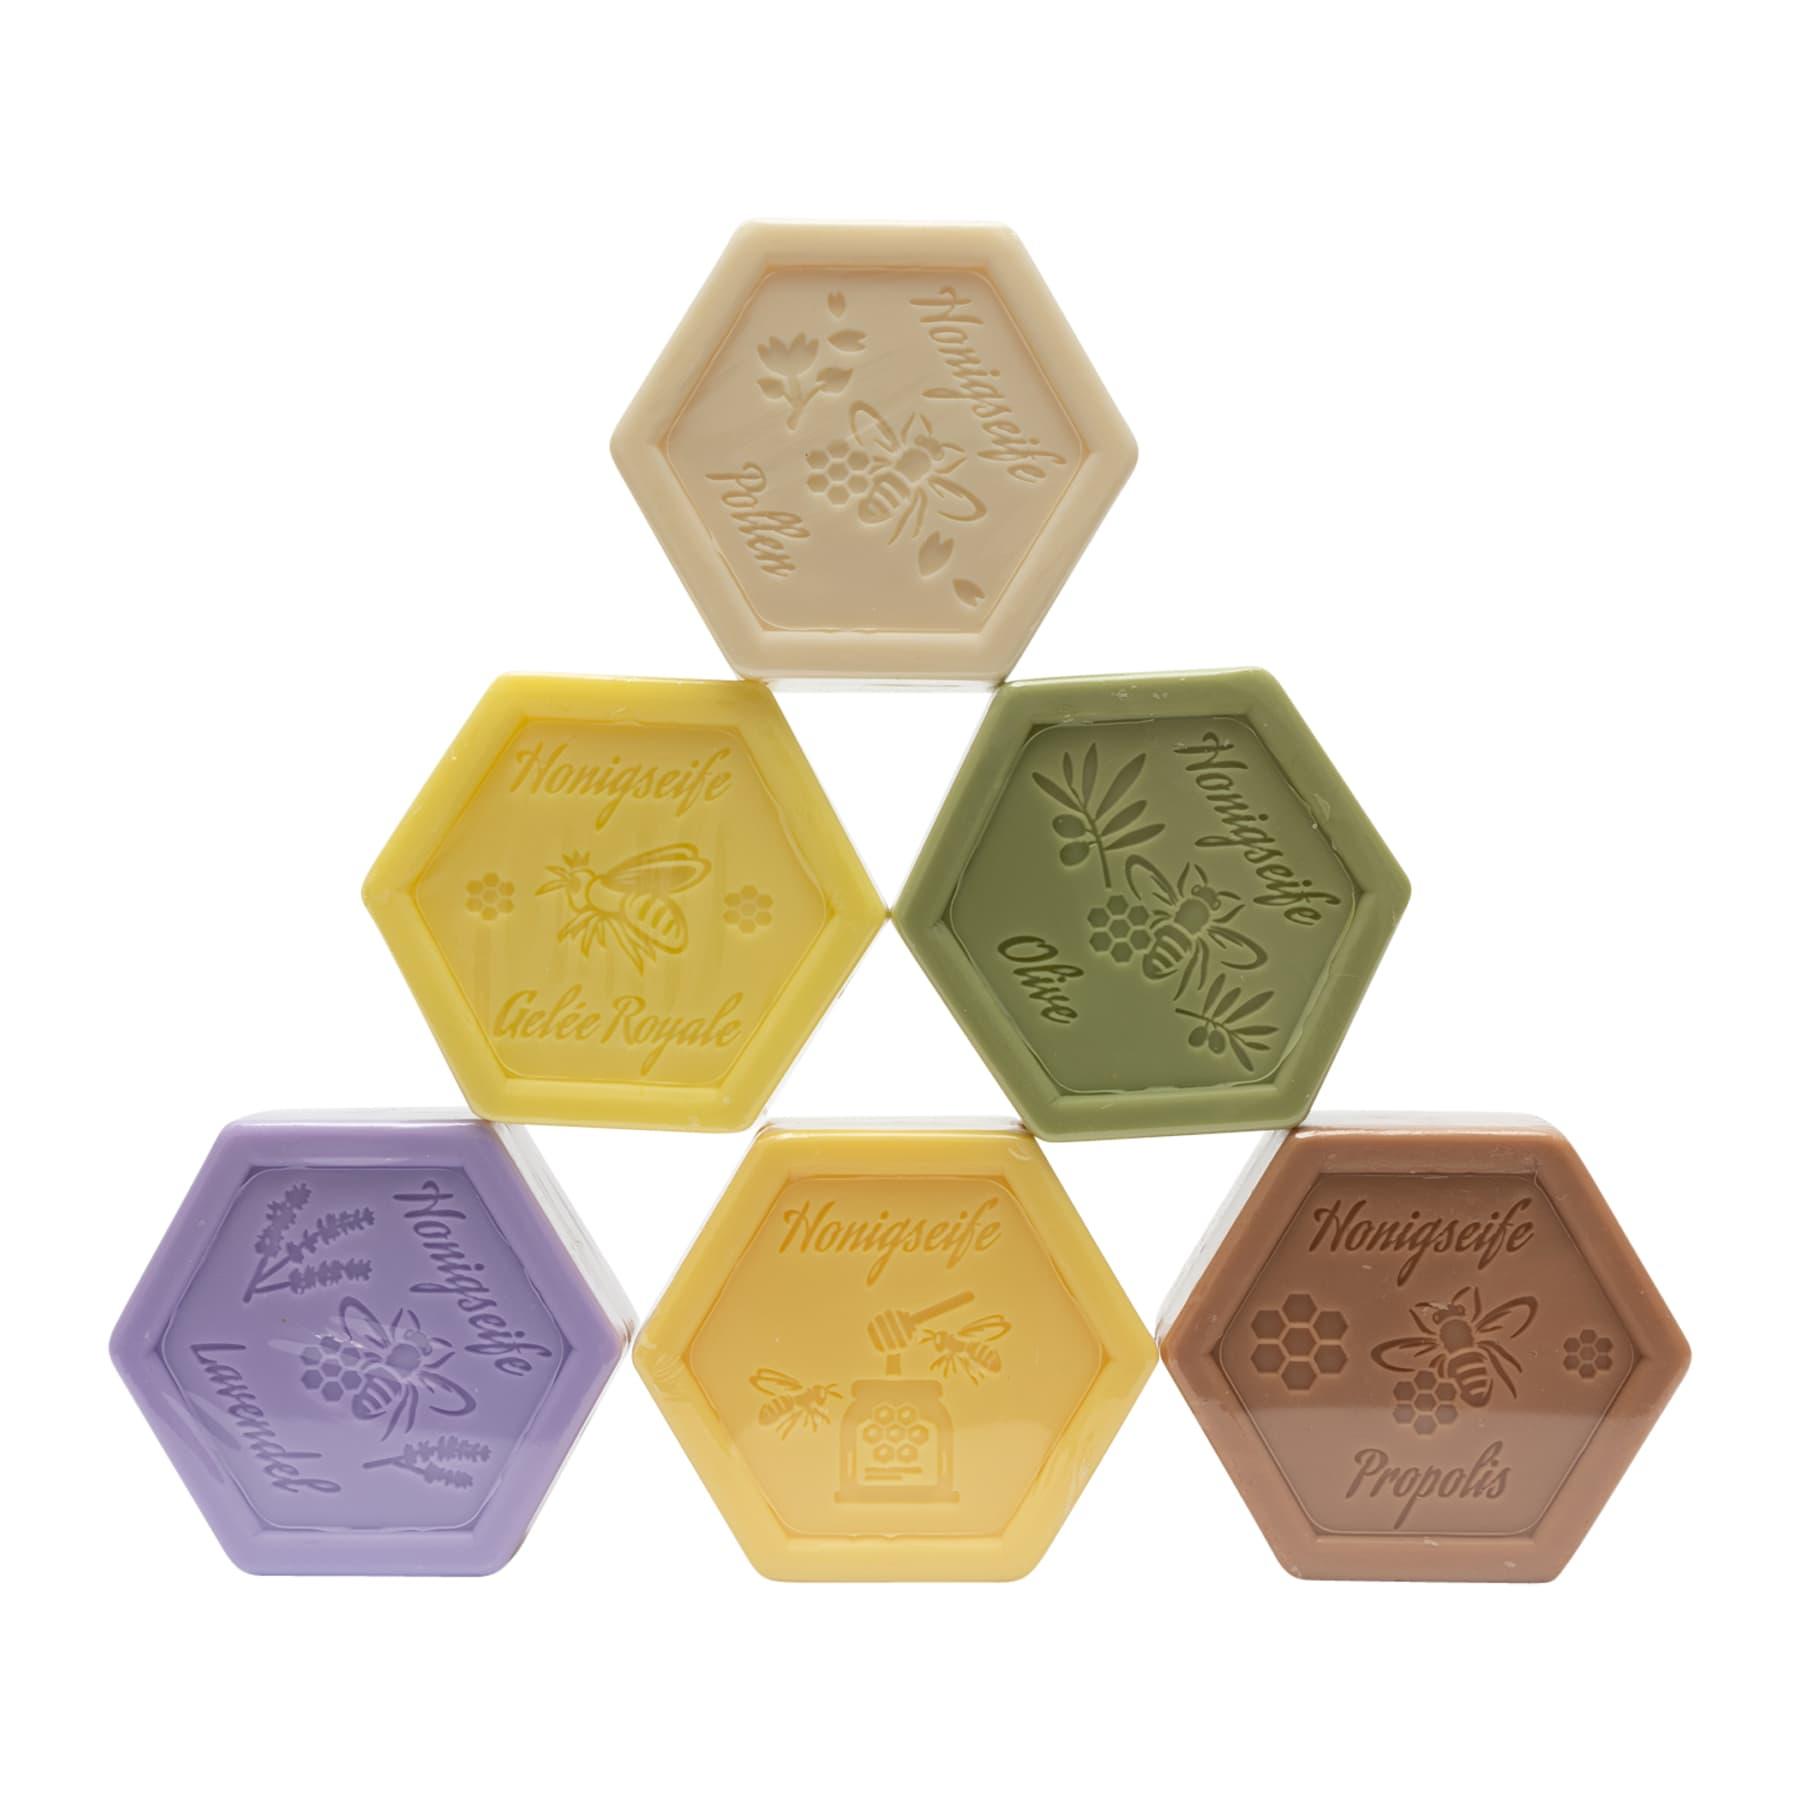 Testauswahl  30 Sechseckseifen 100 g - je 5 Seifen der 6 verschiedenen Sorten zum Angebotspreis (€ 0,95 / 100 g)